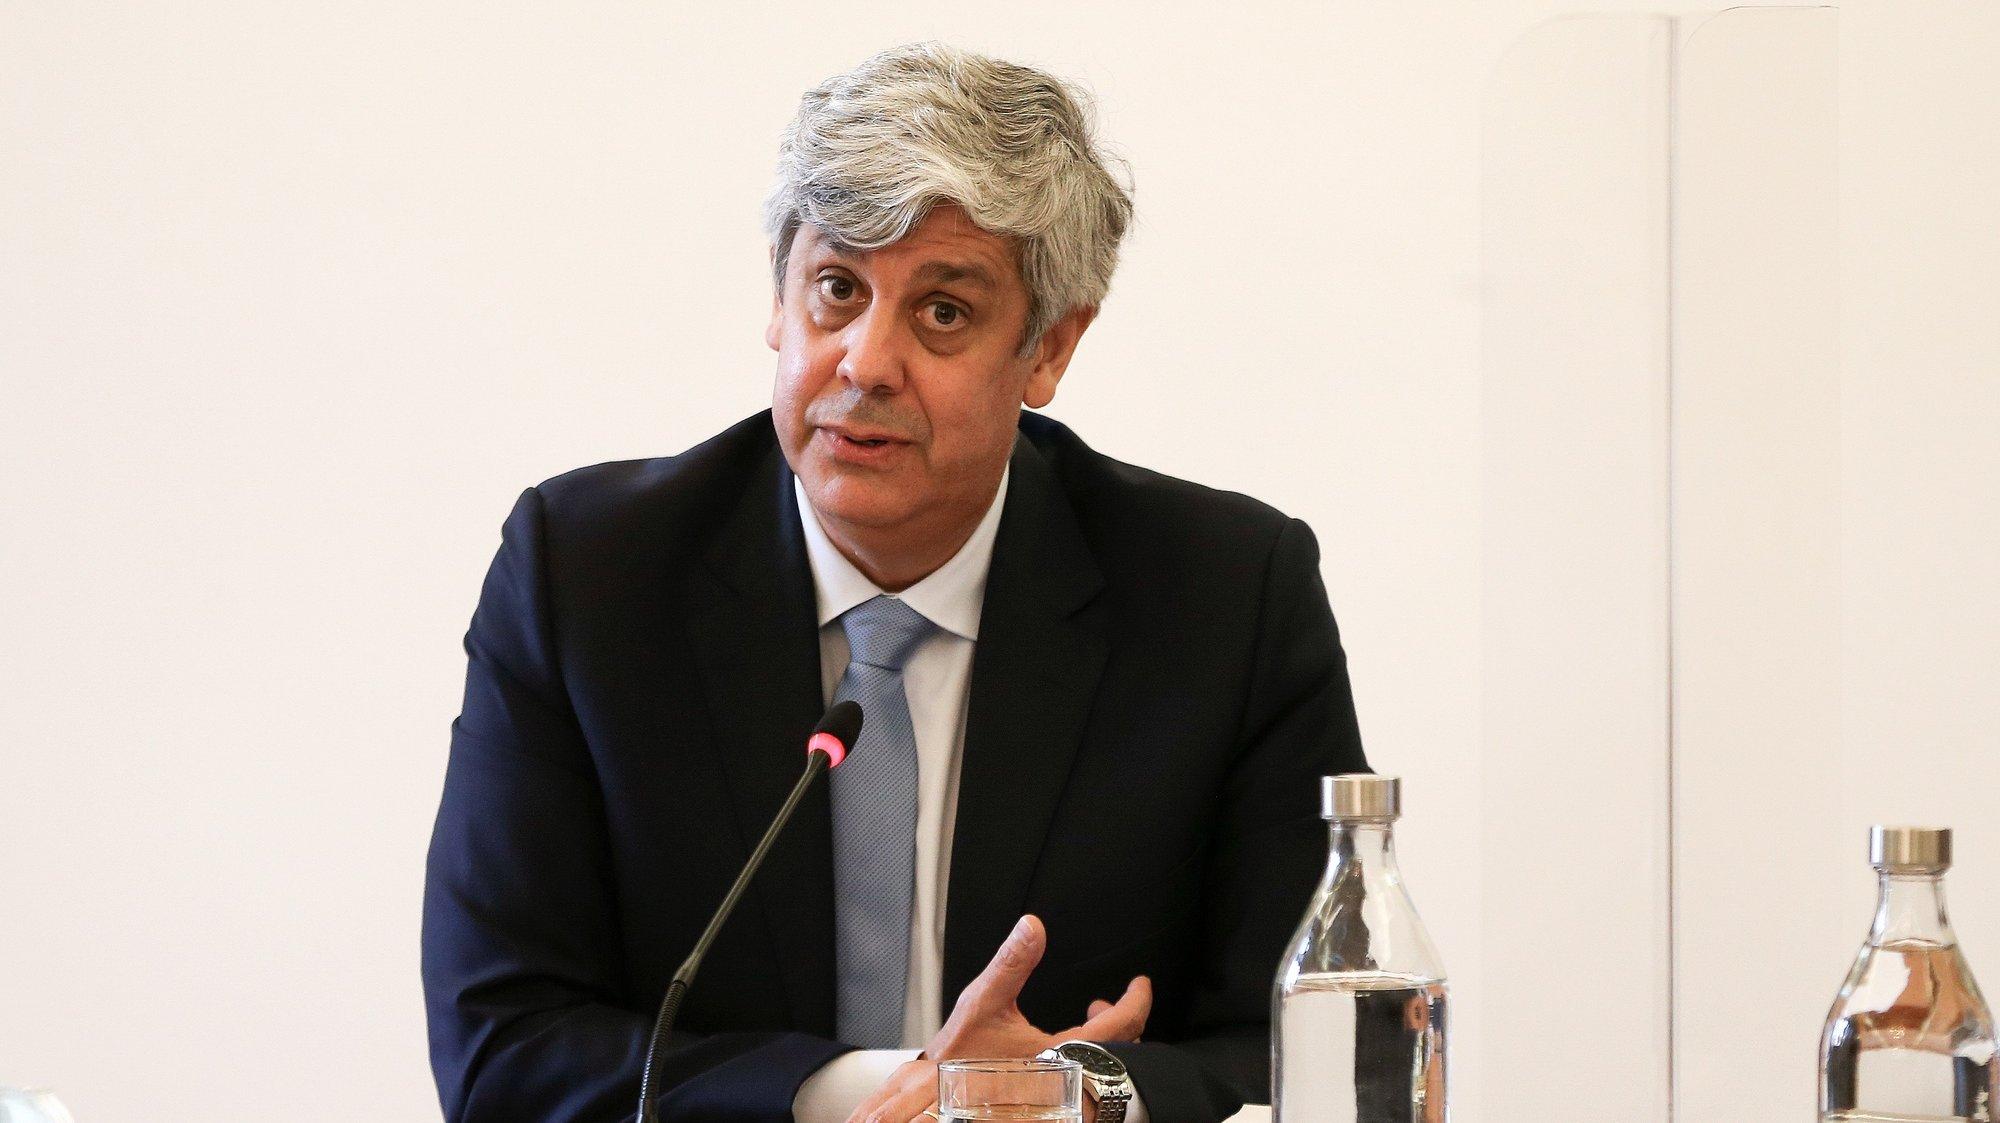 O governador do Banco de Portugal (BdP) e ex-ministro das Finanças, Mário Centeno, durante a sua audição na Comissão Eventual de Inquérito Parlamentar às perdas registadas pelo Novo Banco e imputadas ao Fundo de Resolução, na Assembleia da República, em Lisboa, 18 de maio de 2021. MANUEL DE ALMEIDA / LUSA